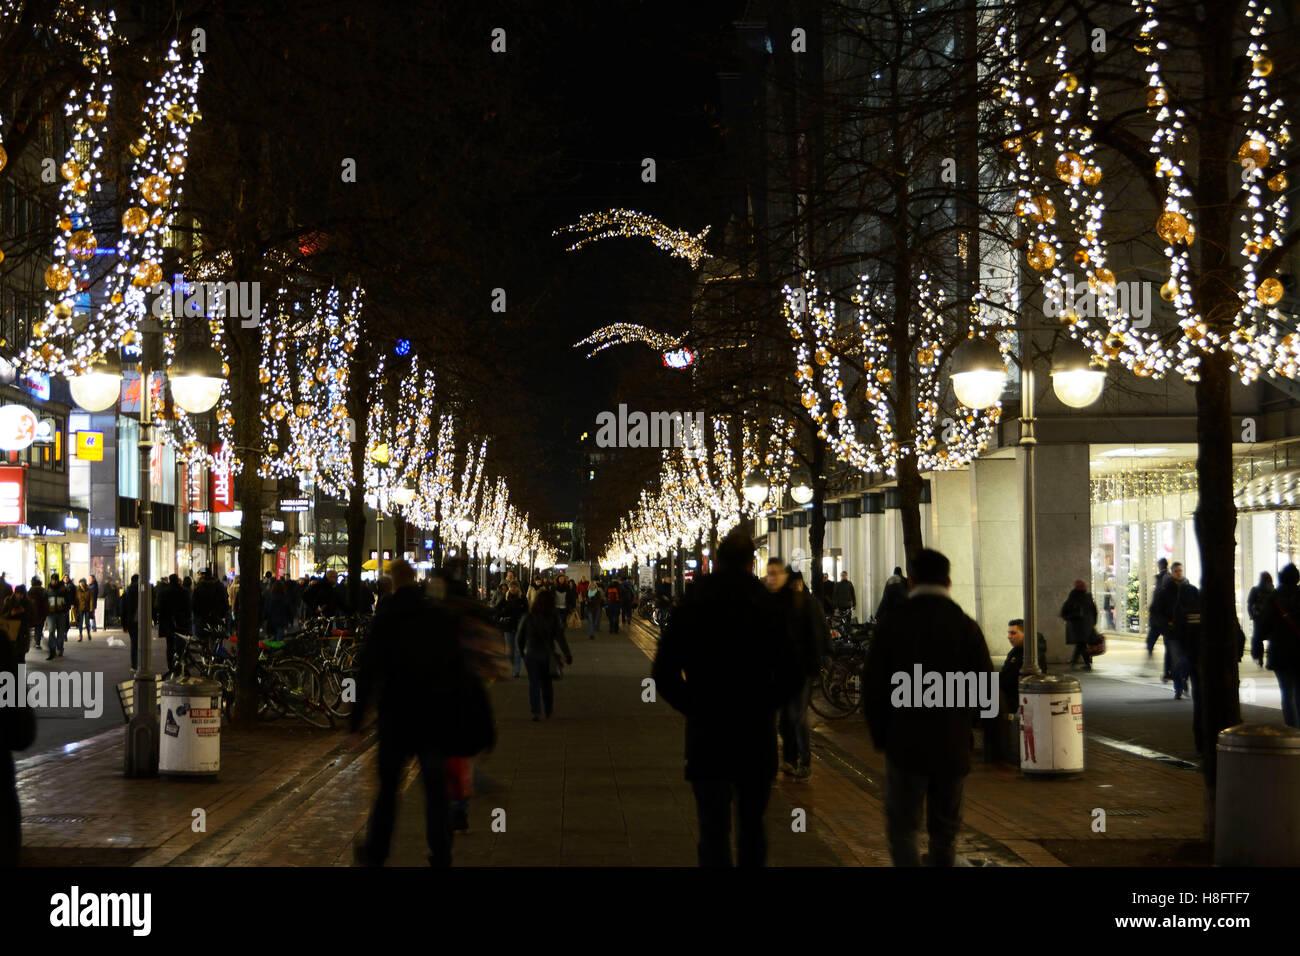 Weihnachtliche Beleuchtung in Hannover Stockbild